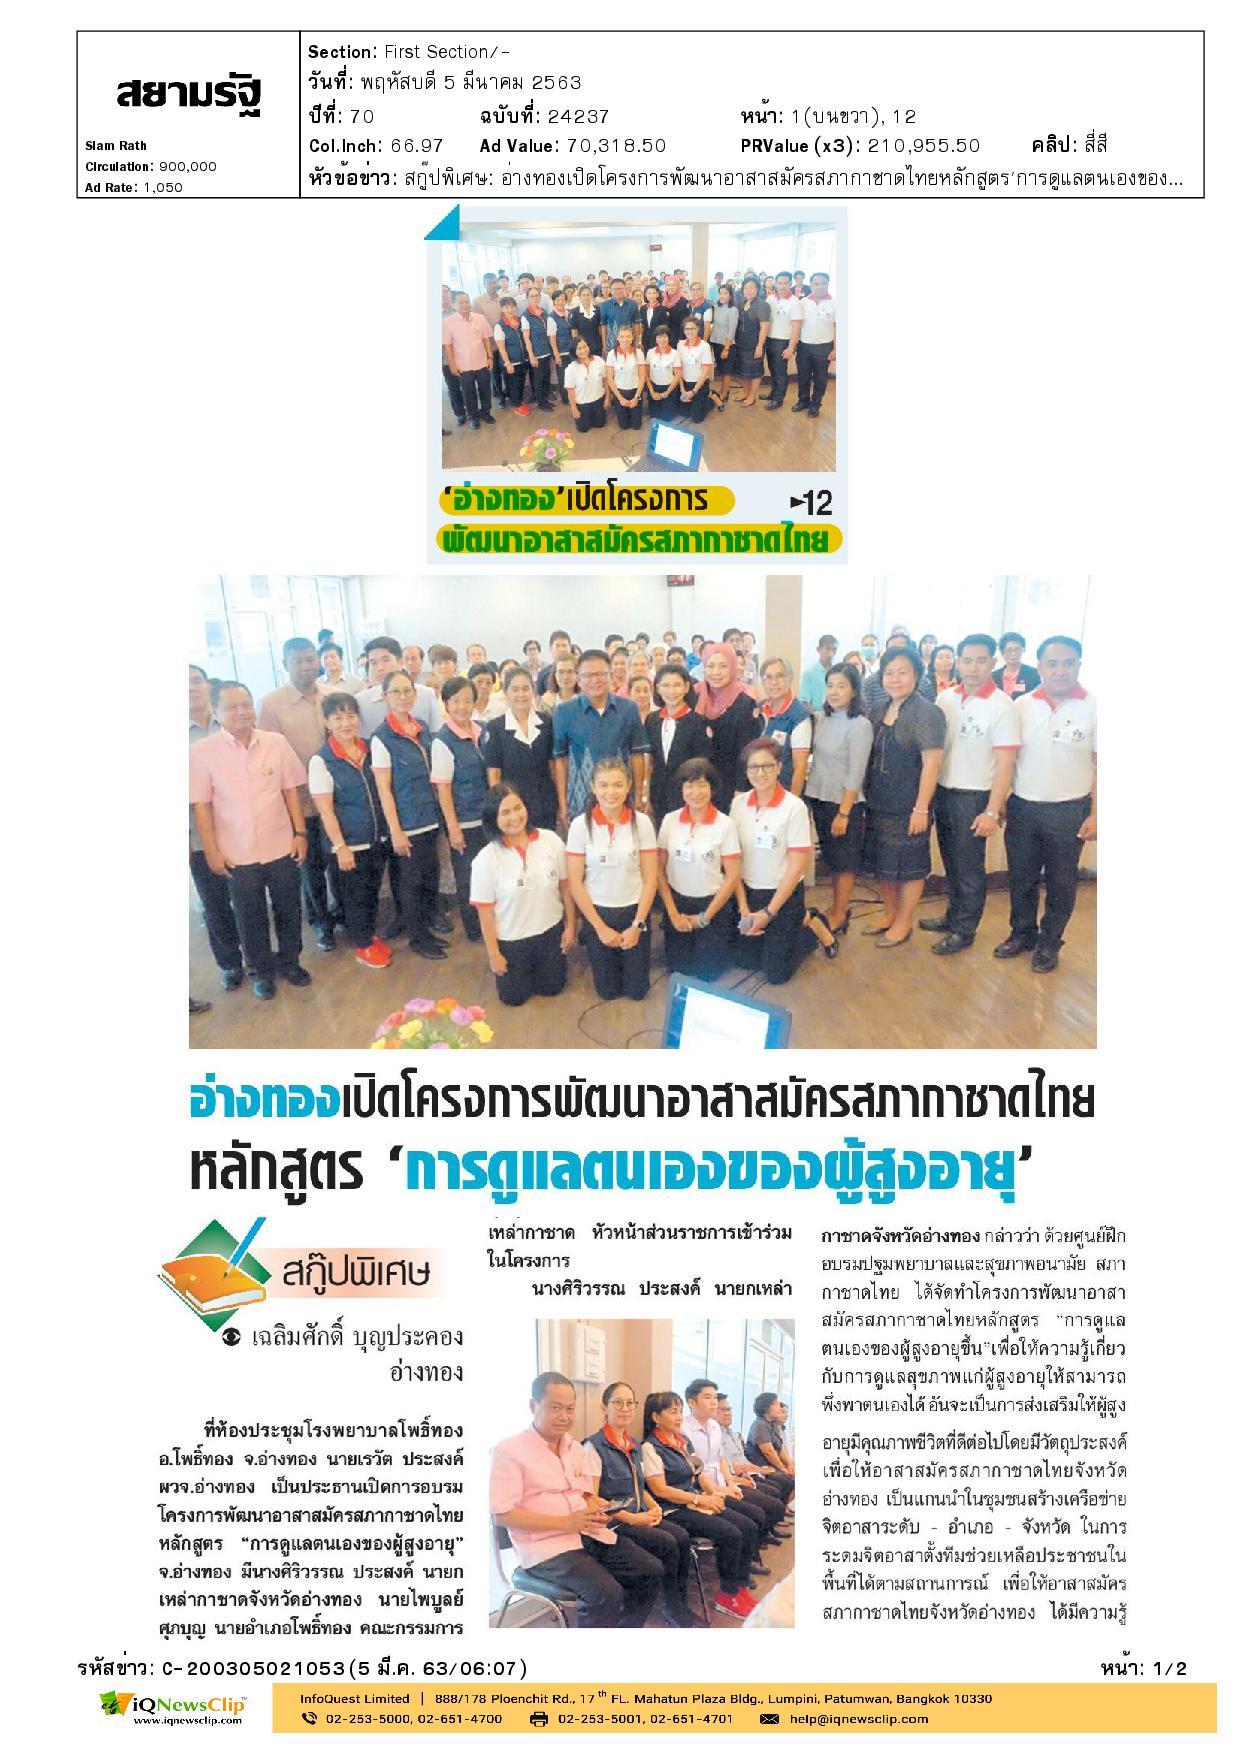 เหล่ากาชาด จ.อ่างทอง เปิดโครงการพัฒนาอาสาสมัครสภากาชาดไทย